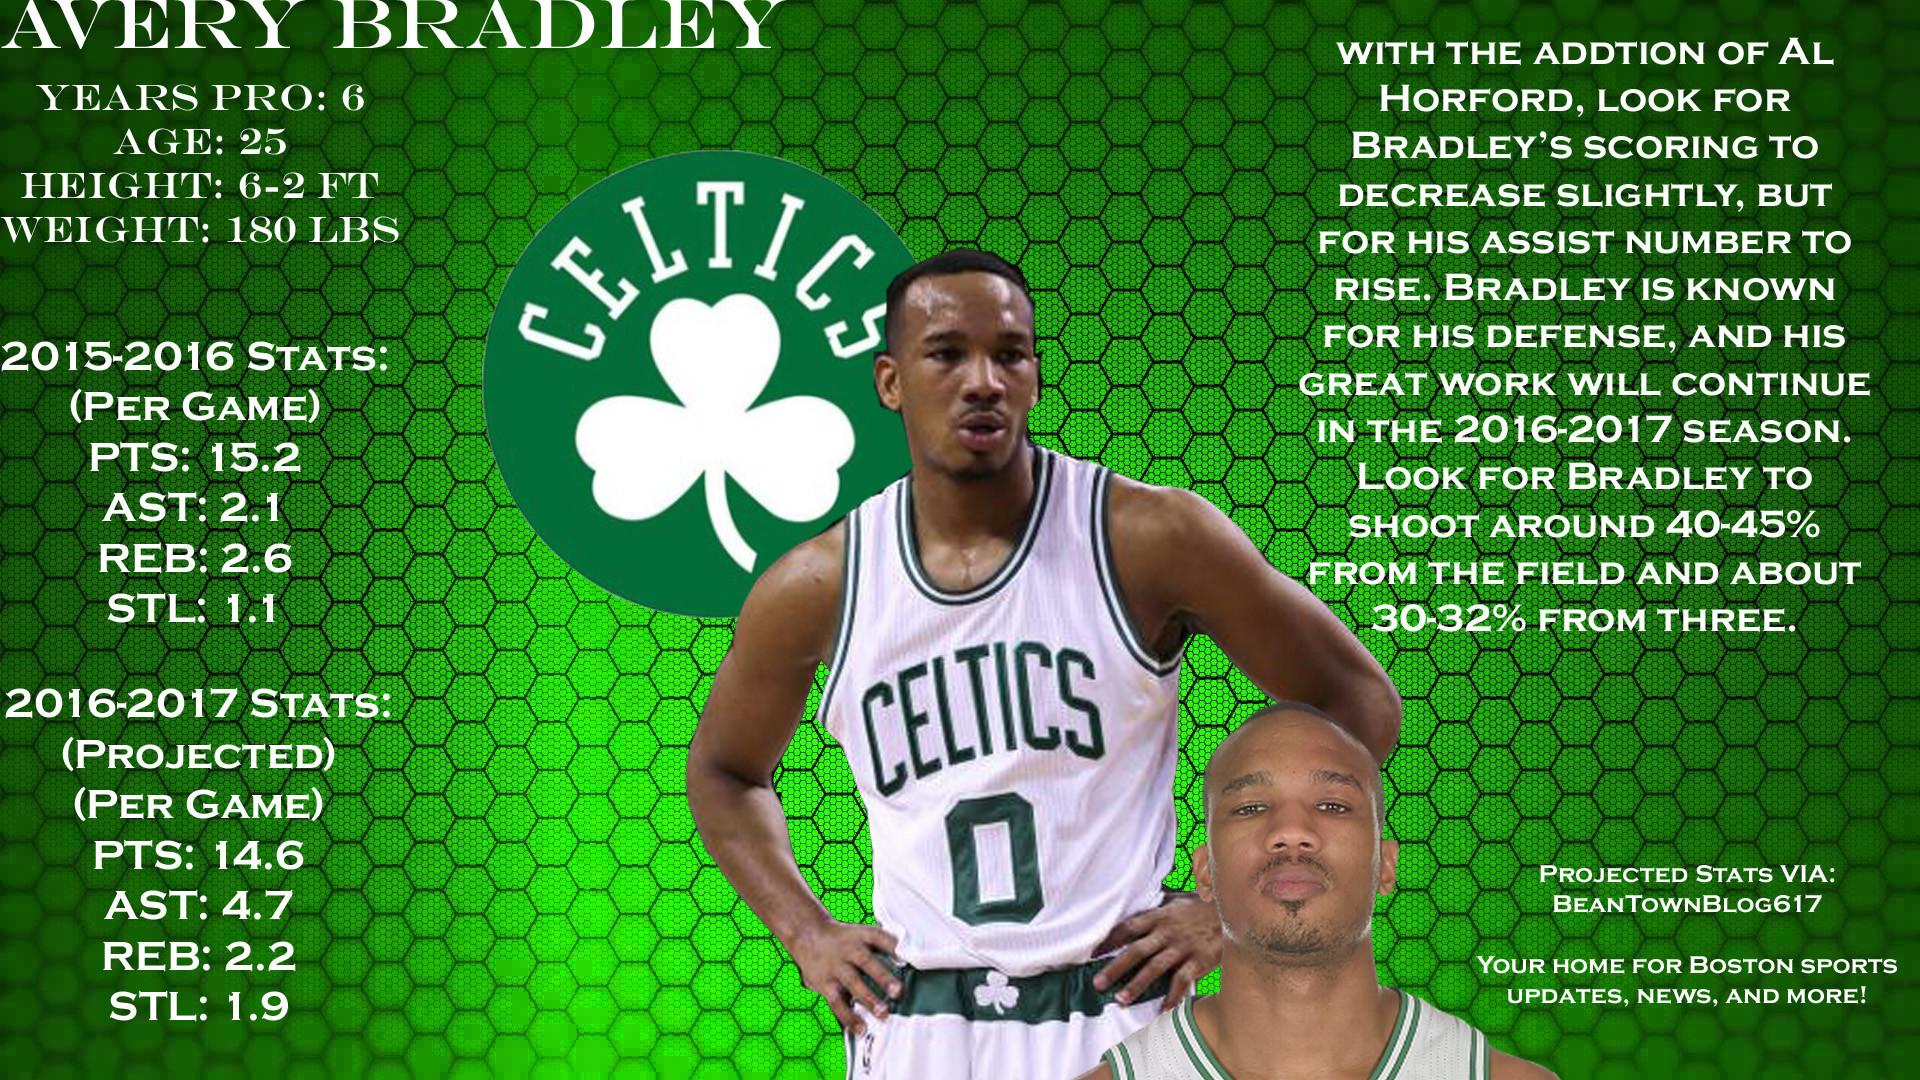 #0 Avery Bradley: